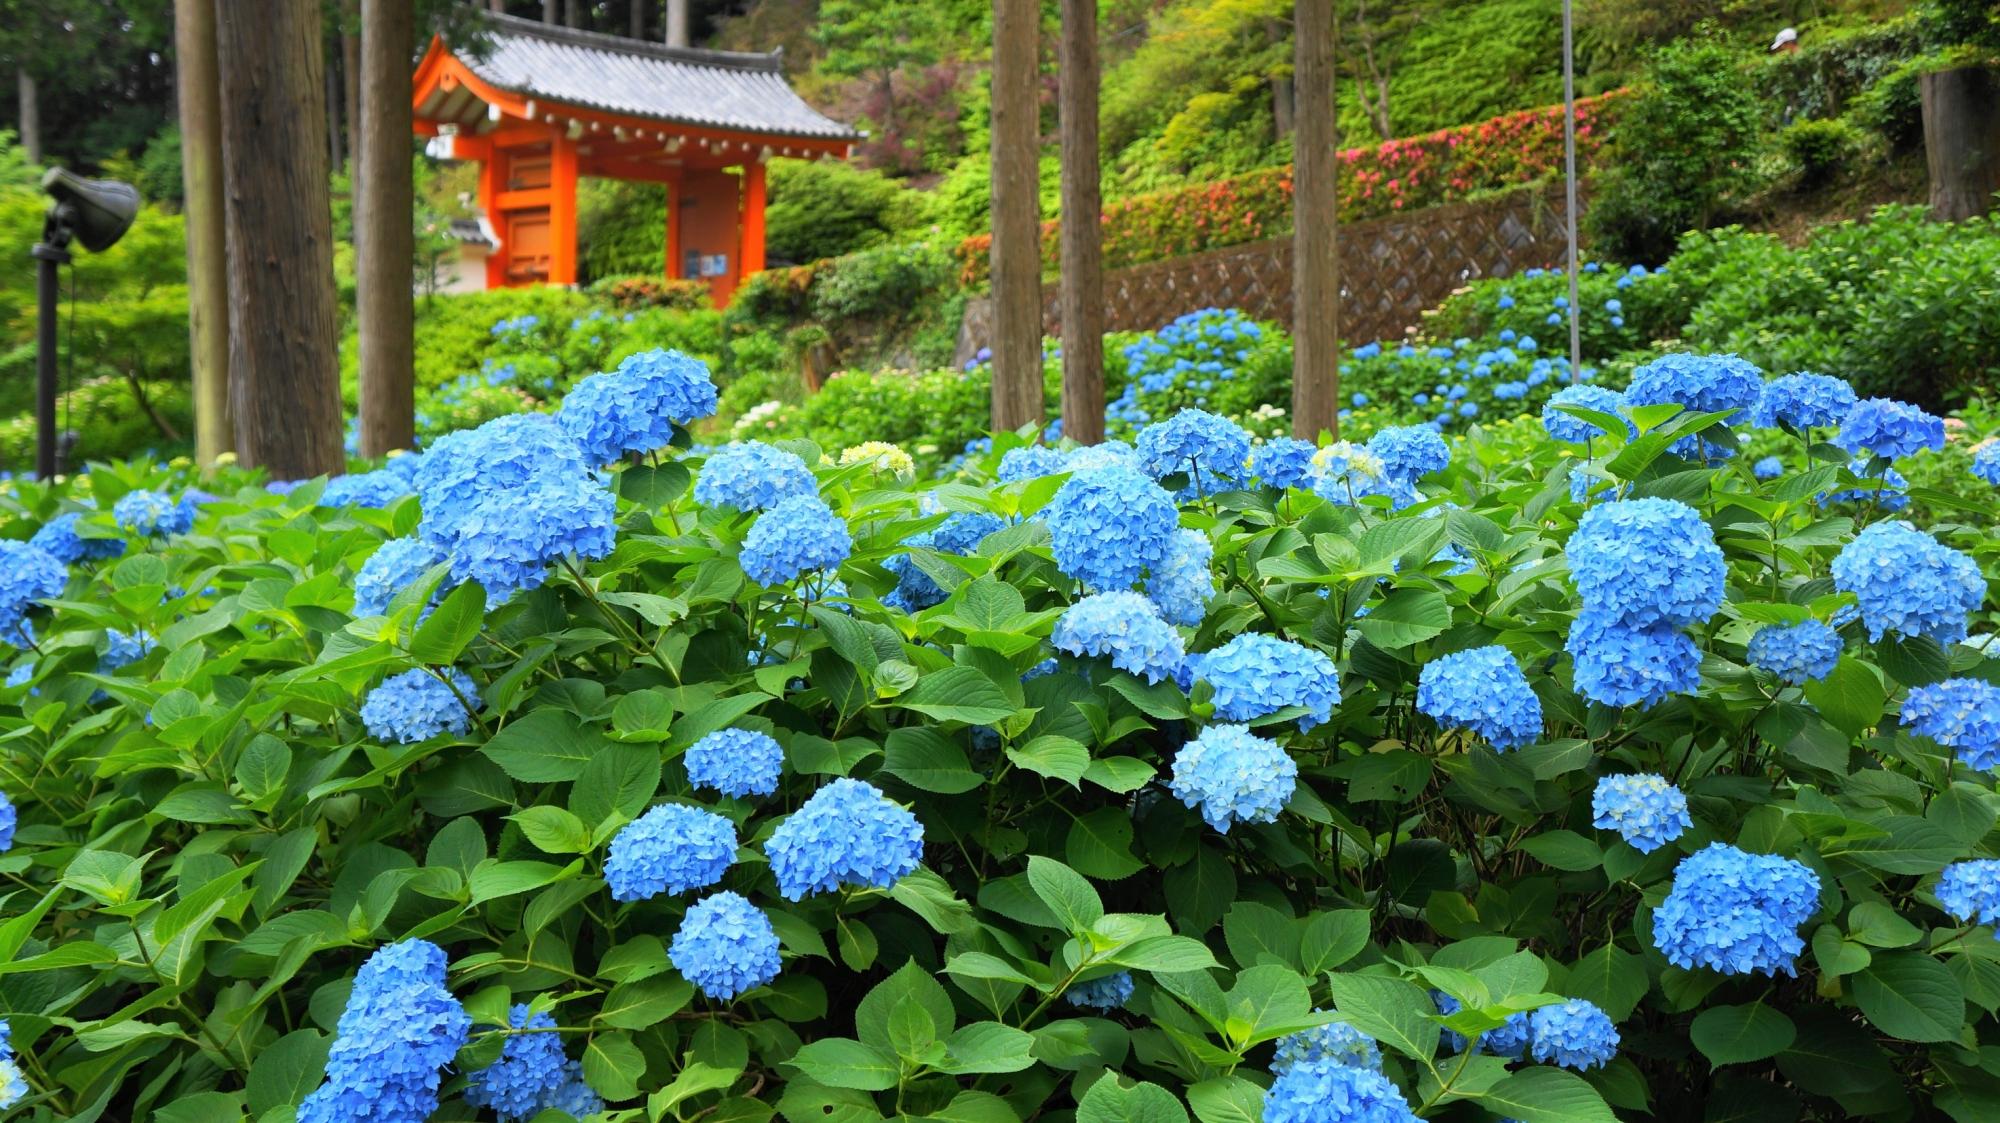 三室戸寺の朱色の山門と鮮やかな青い紫陽花